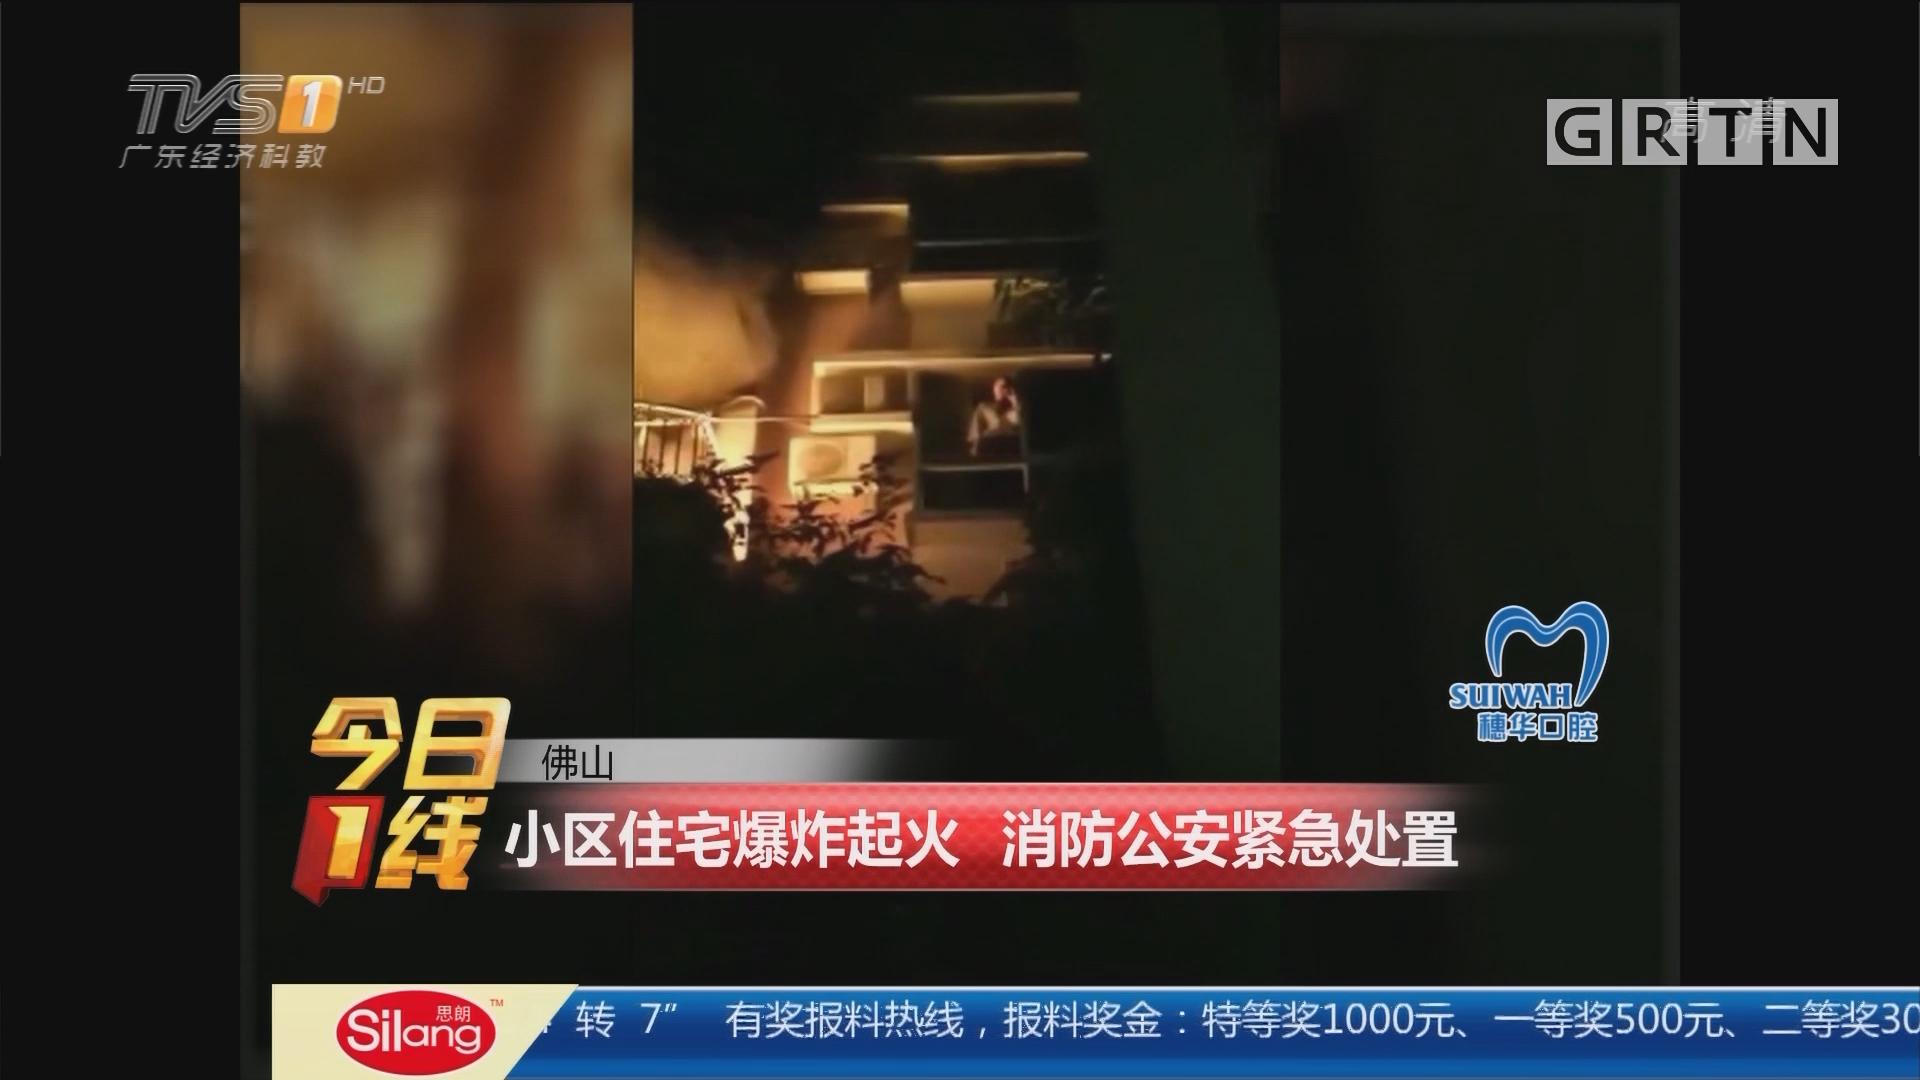 佛山:小区住宅爆炸起火 消防公安紧急处置